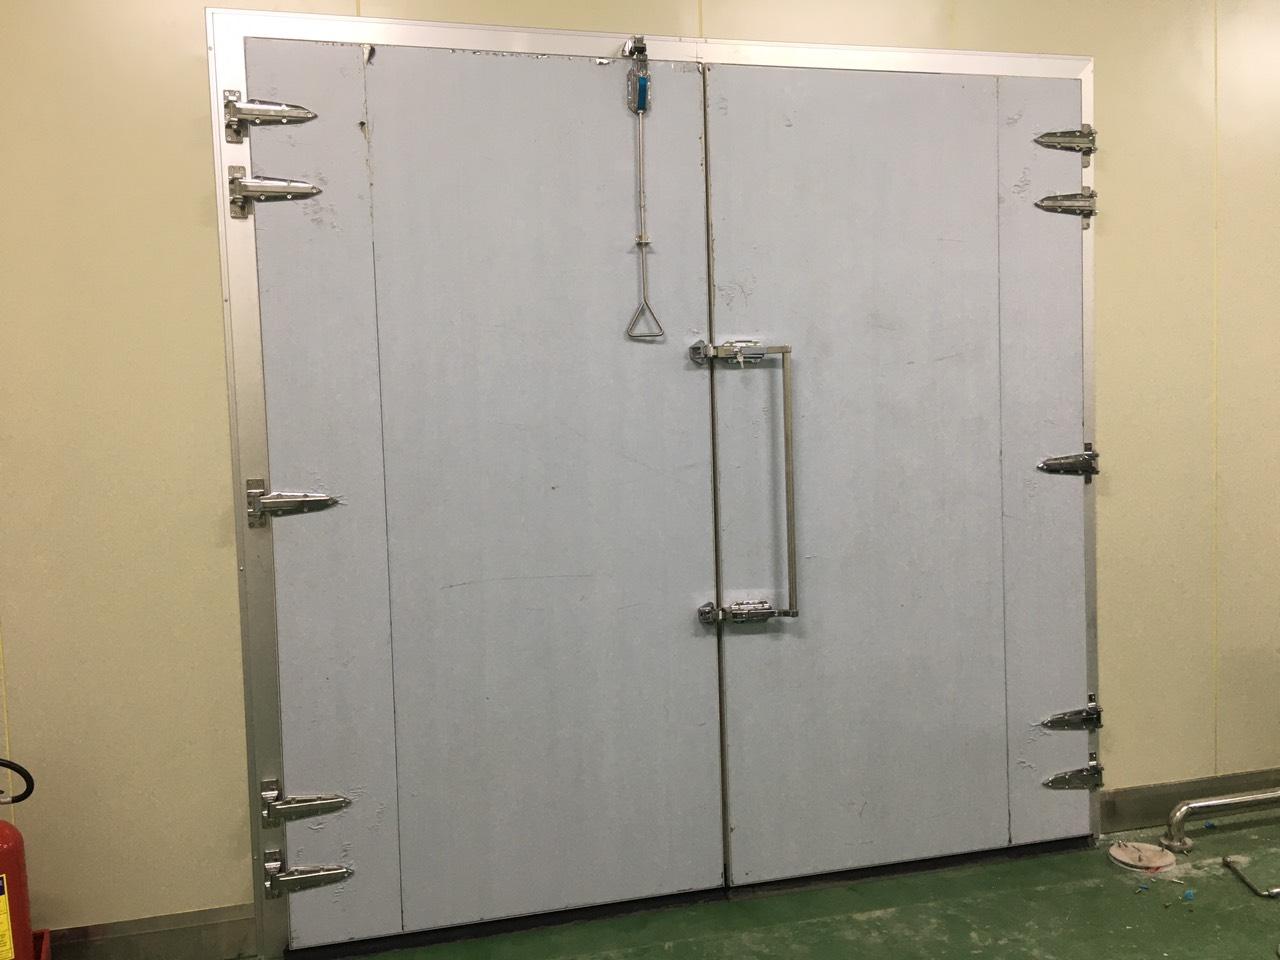 Cấu tạo và nguyên lý hoạt động của cửa kho lạnh